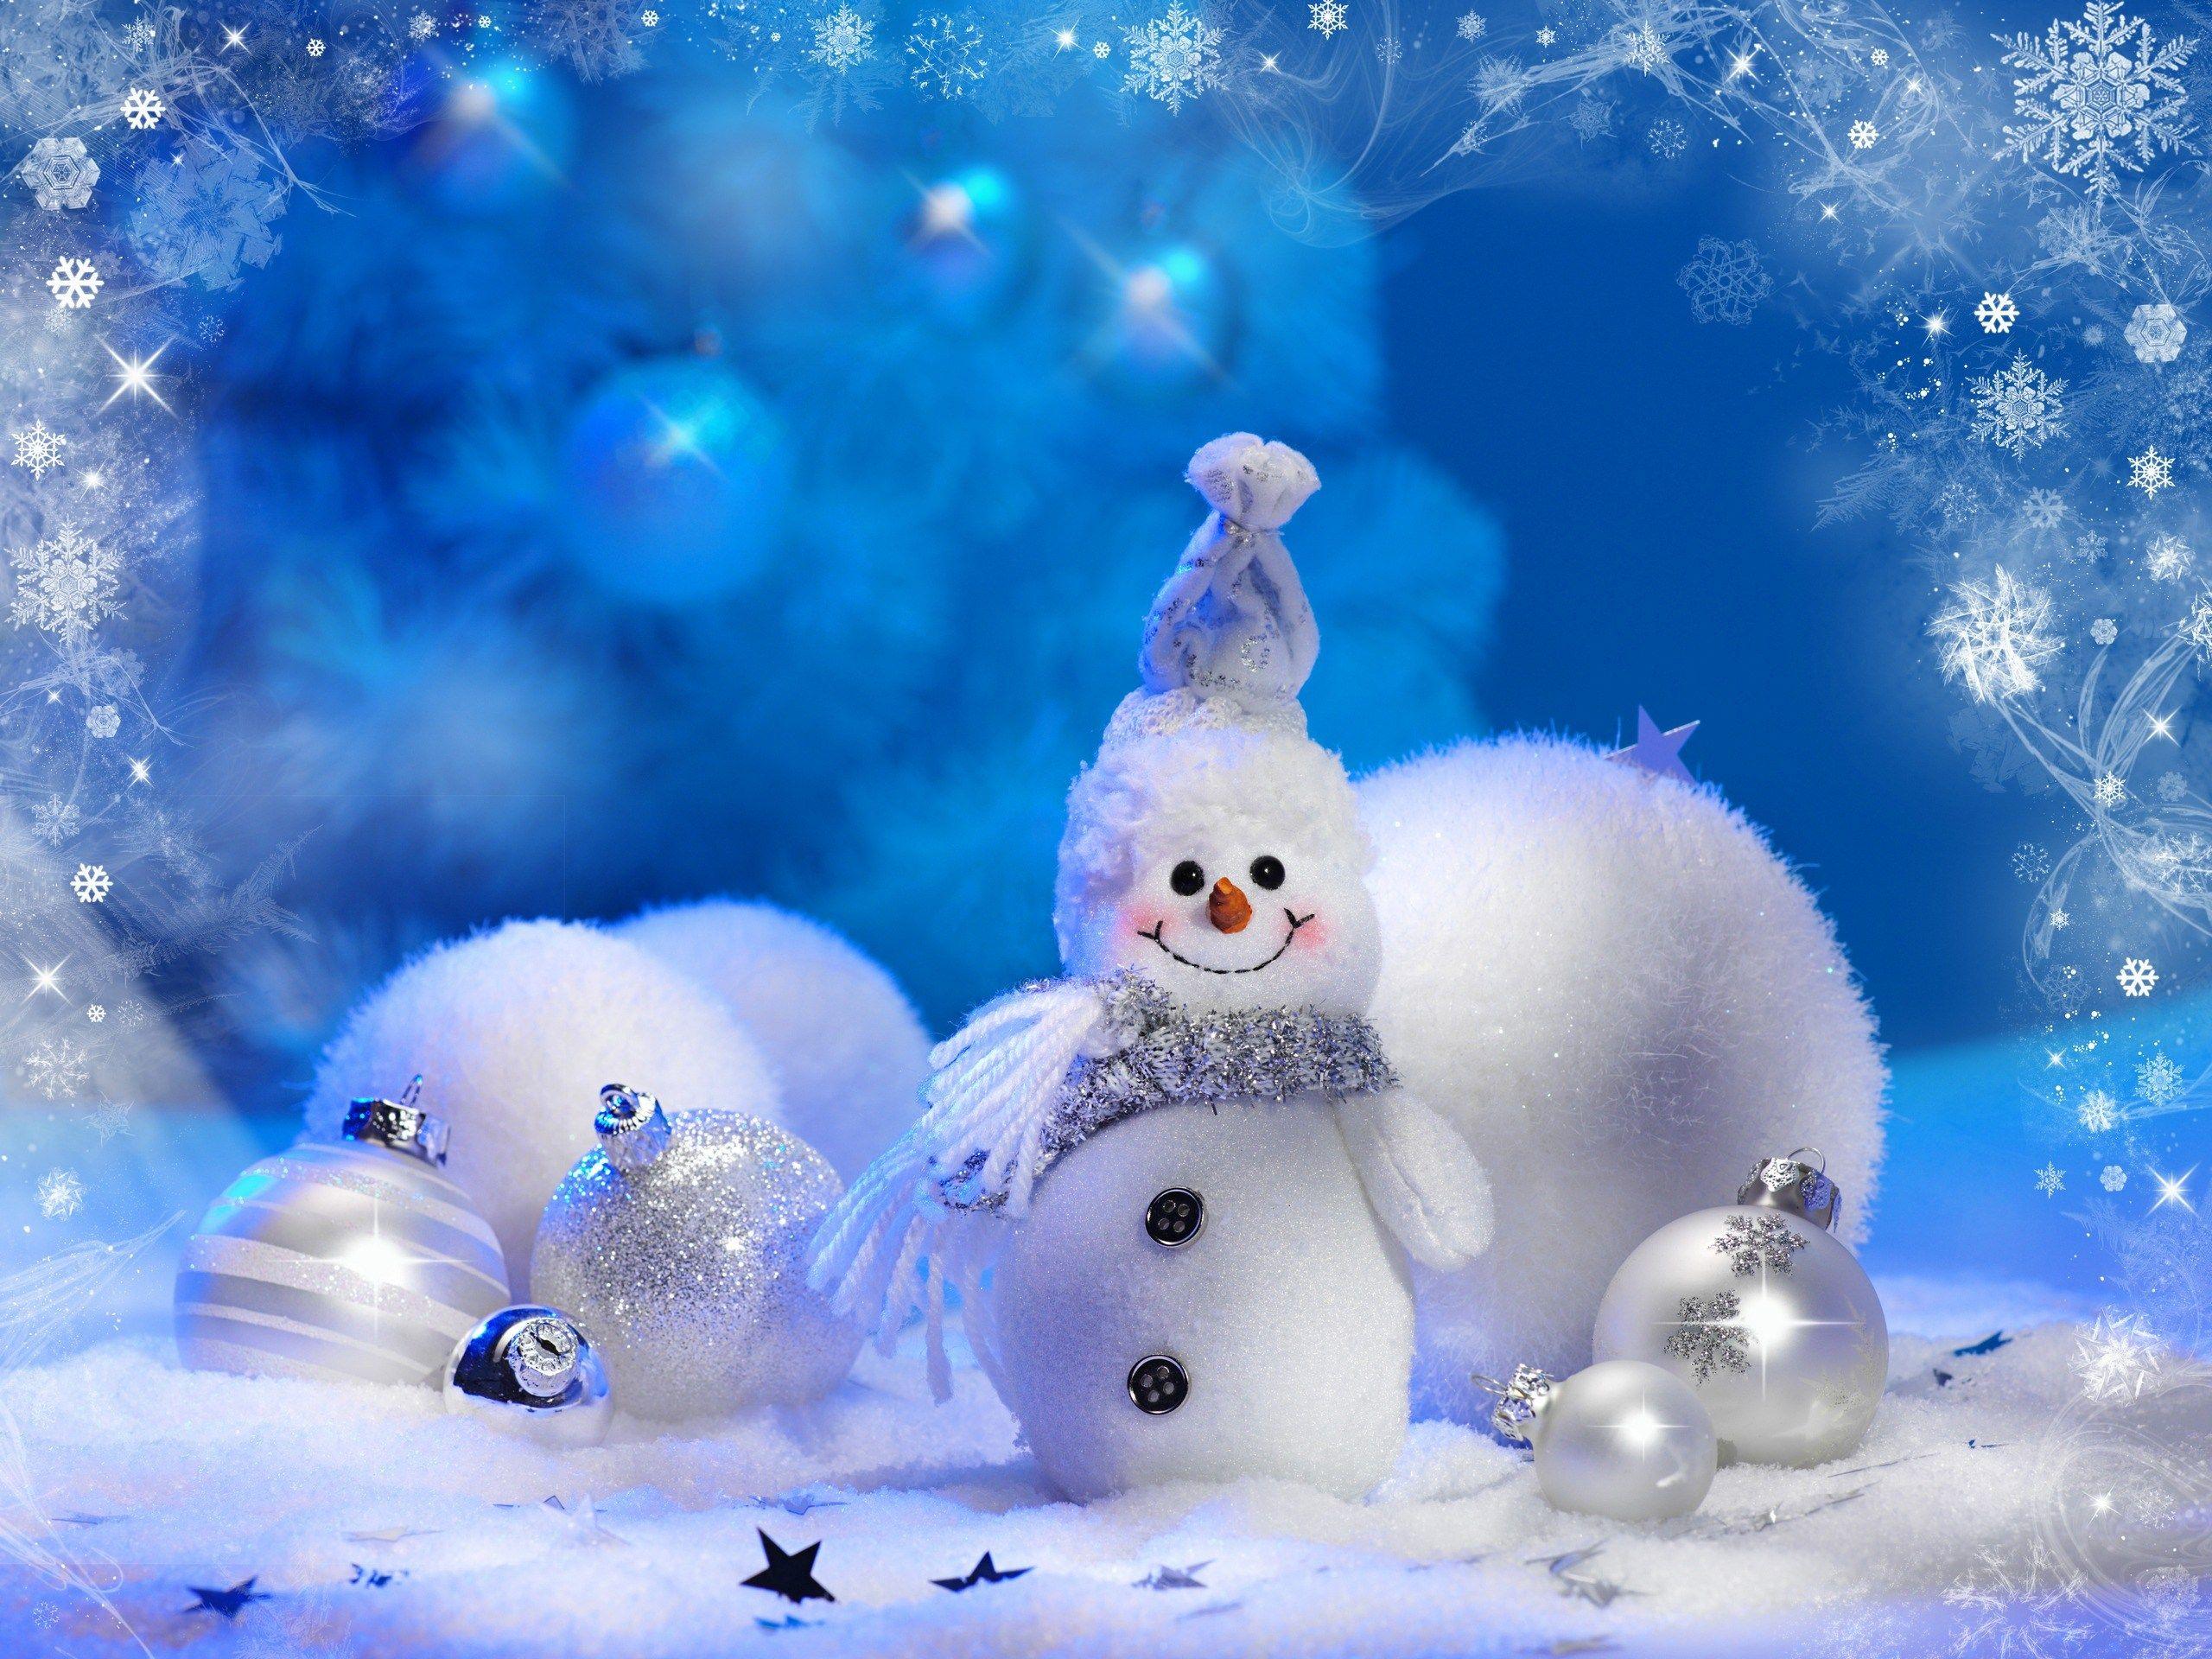 Telecharger Fonds D Ecran Bonhomme De Neige Gratuitement Bonhomme De Neige Idee De Fond D Ecran Decoration Noel